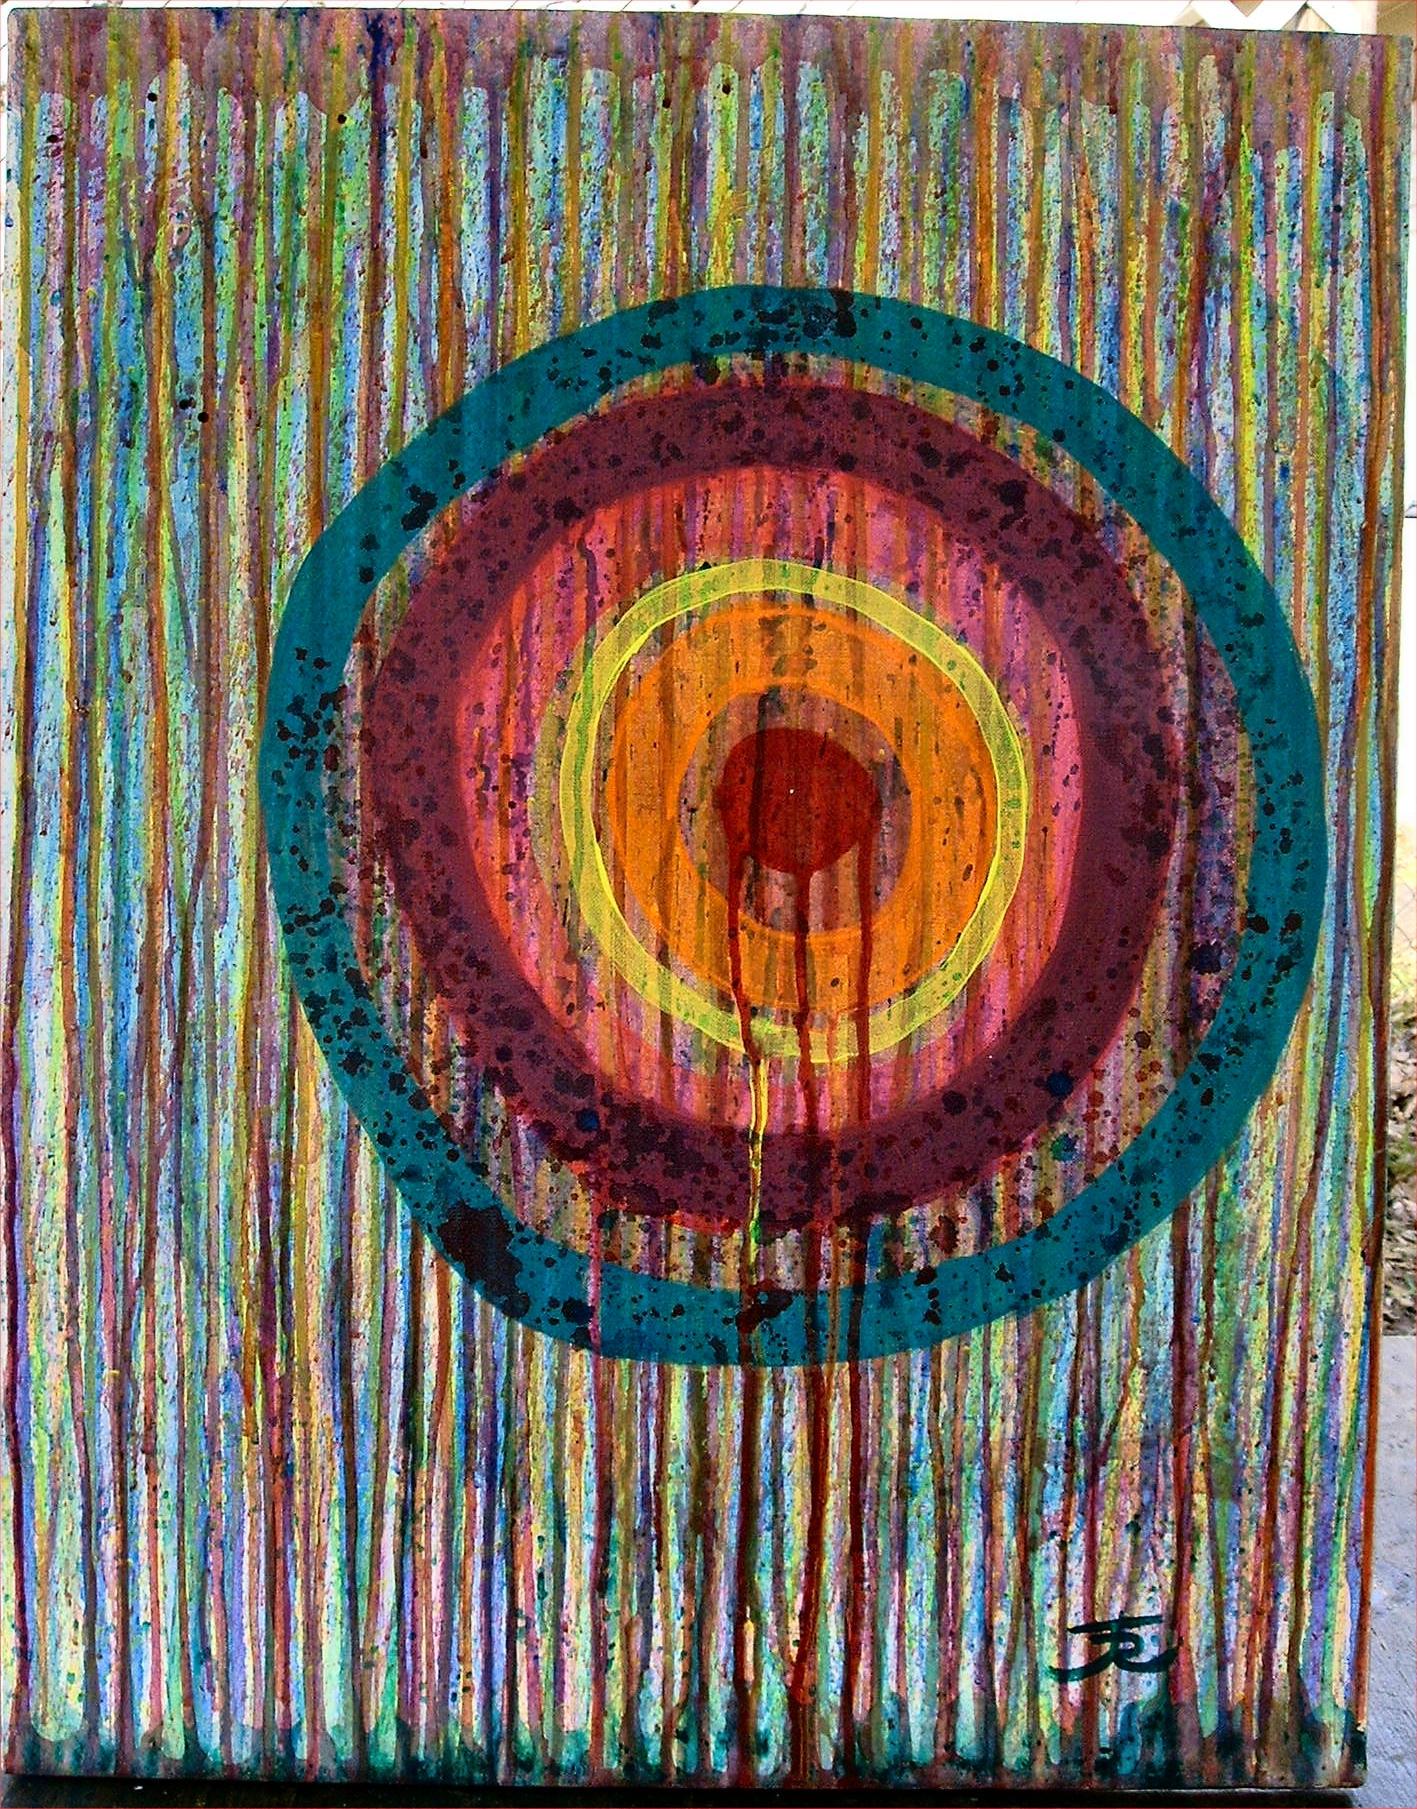 Bleedin Target by tijir